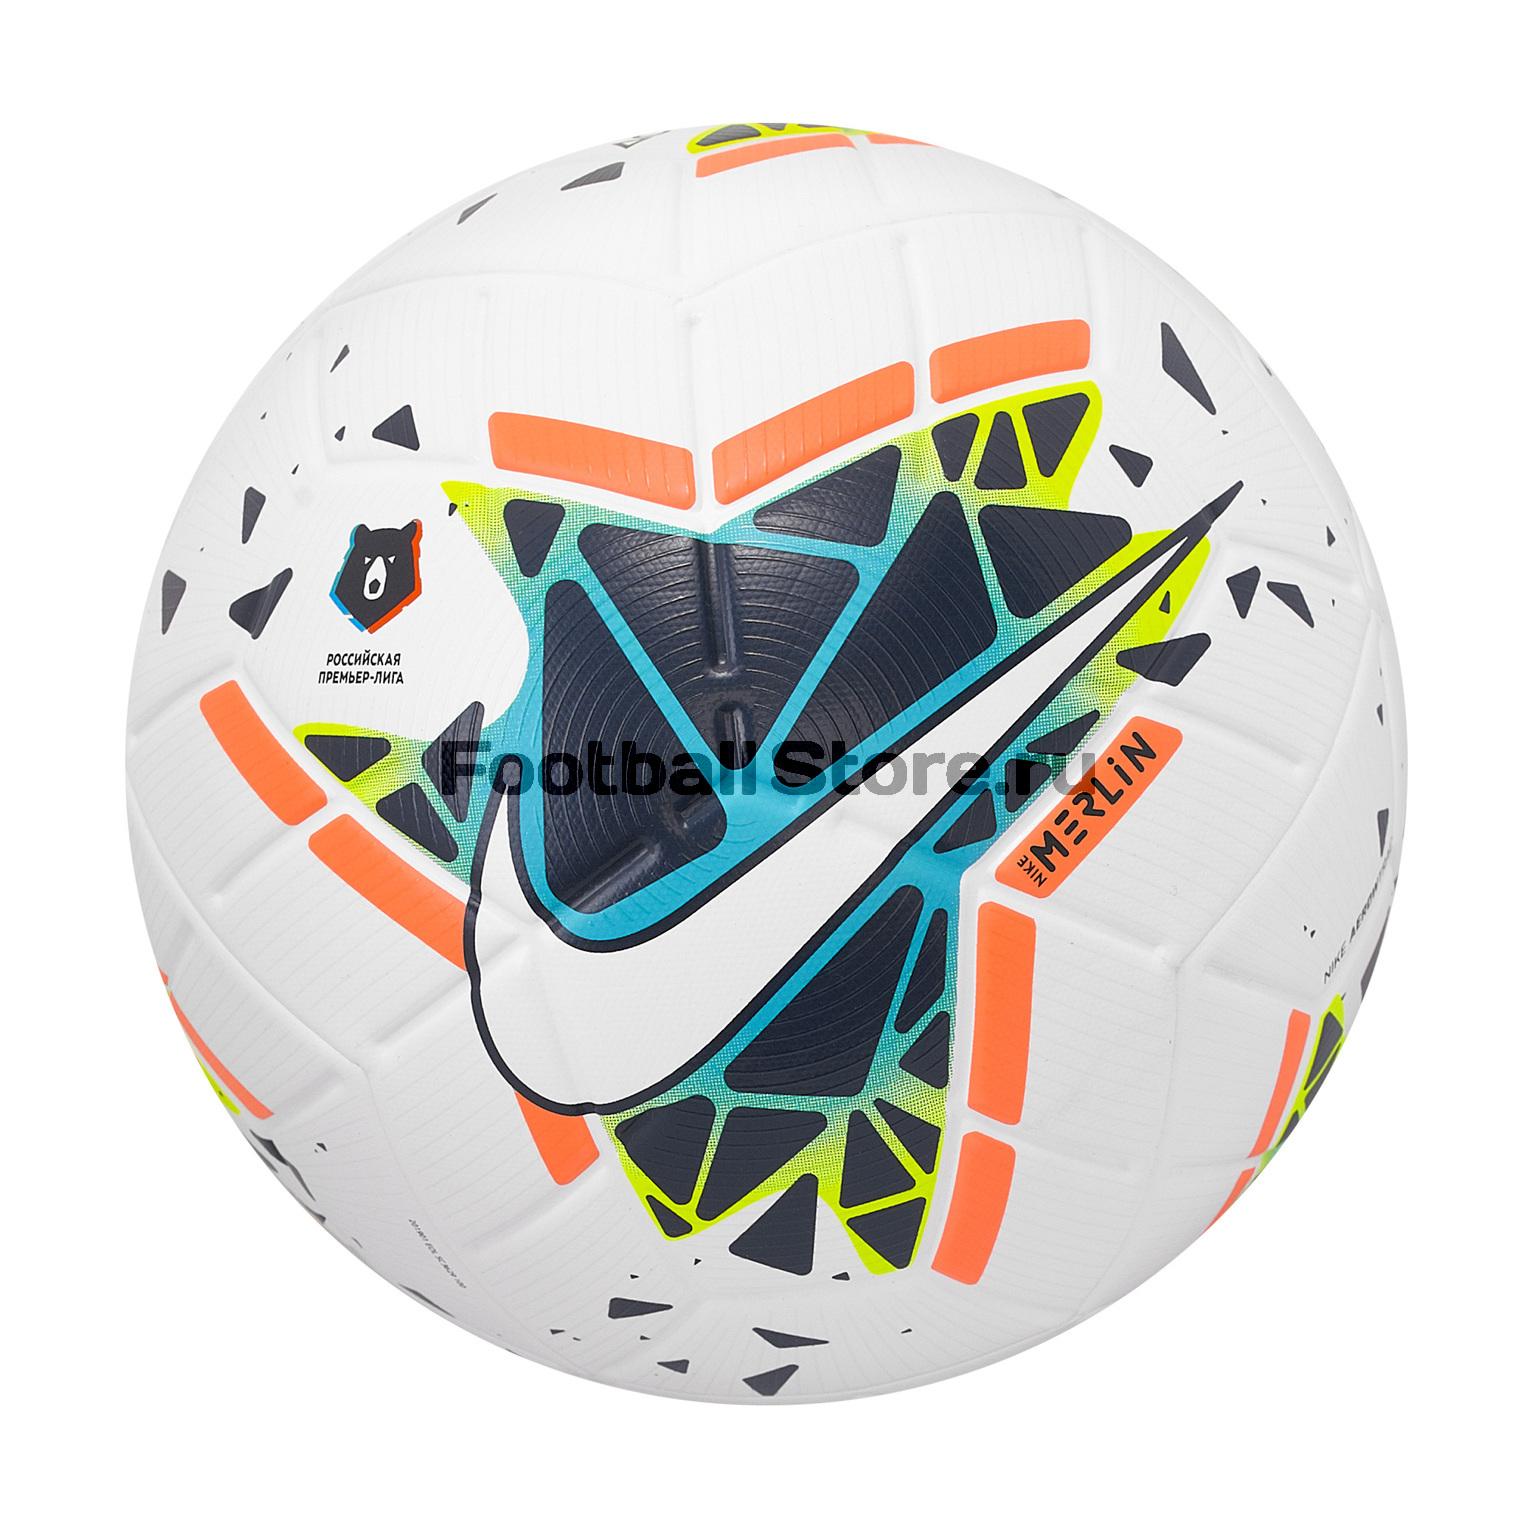 Официальный мяч Nike Merlin РПЛ 2019/20